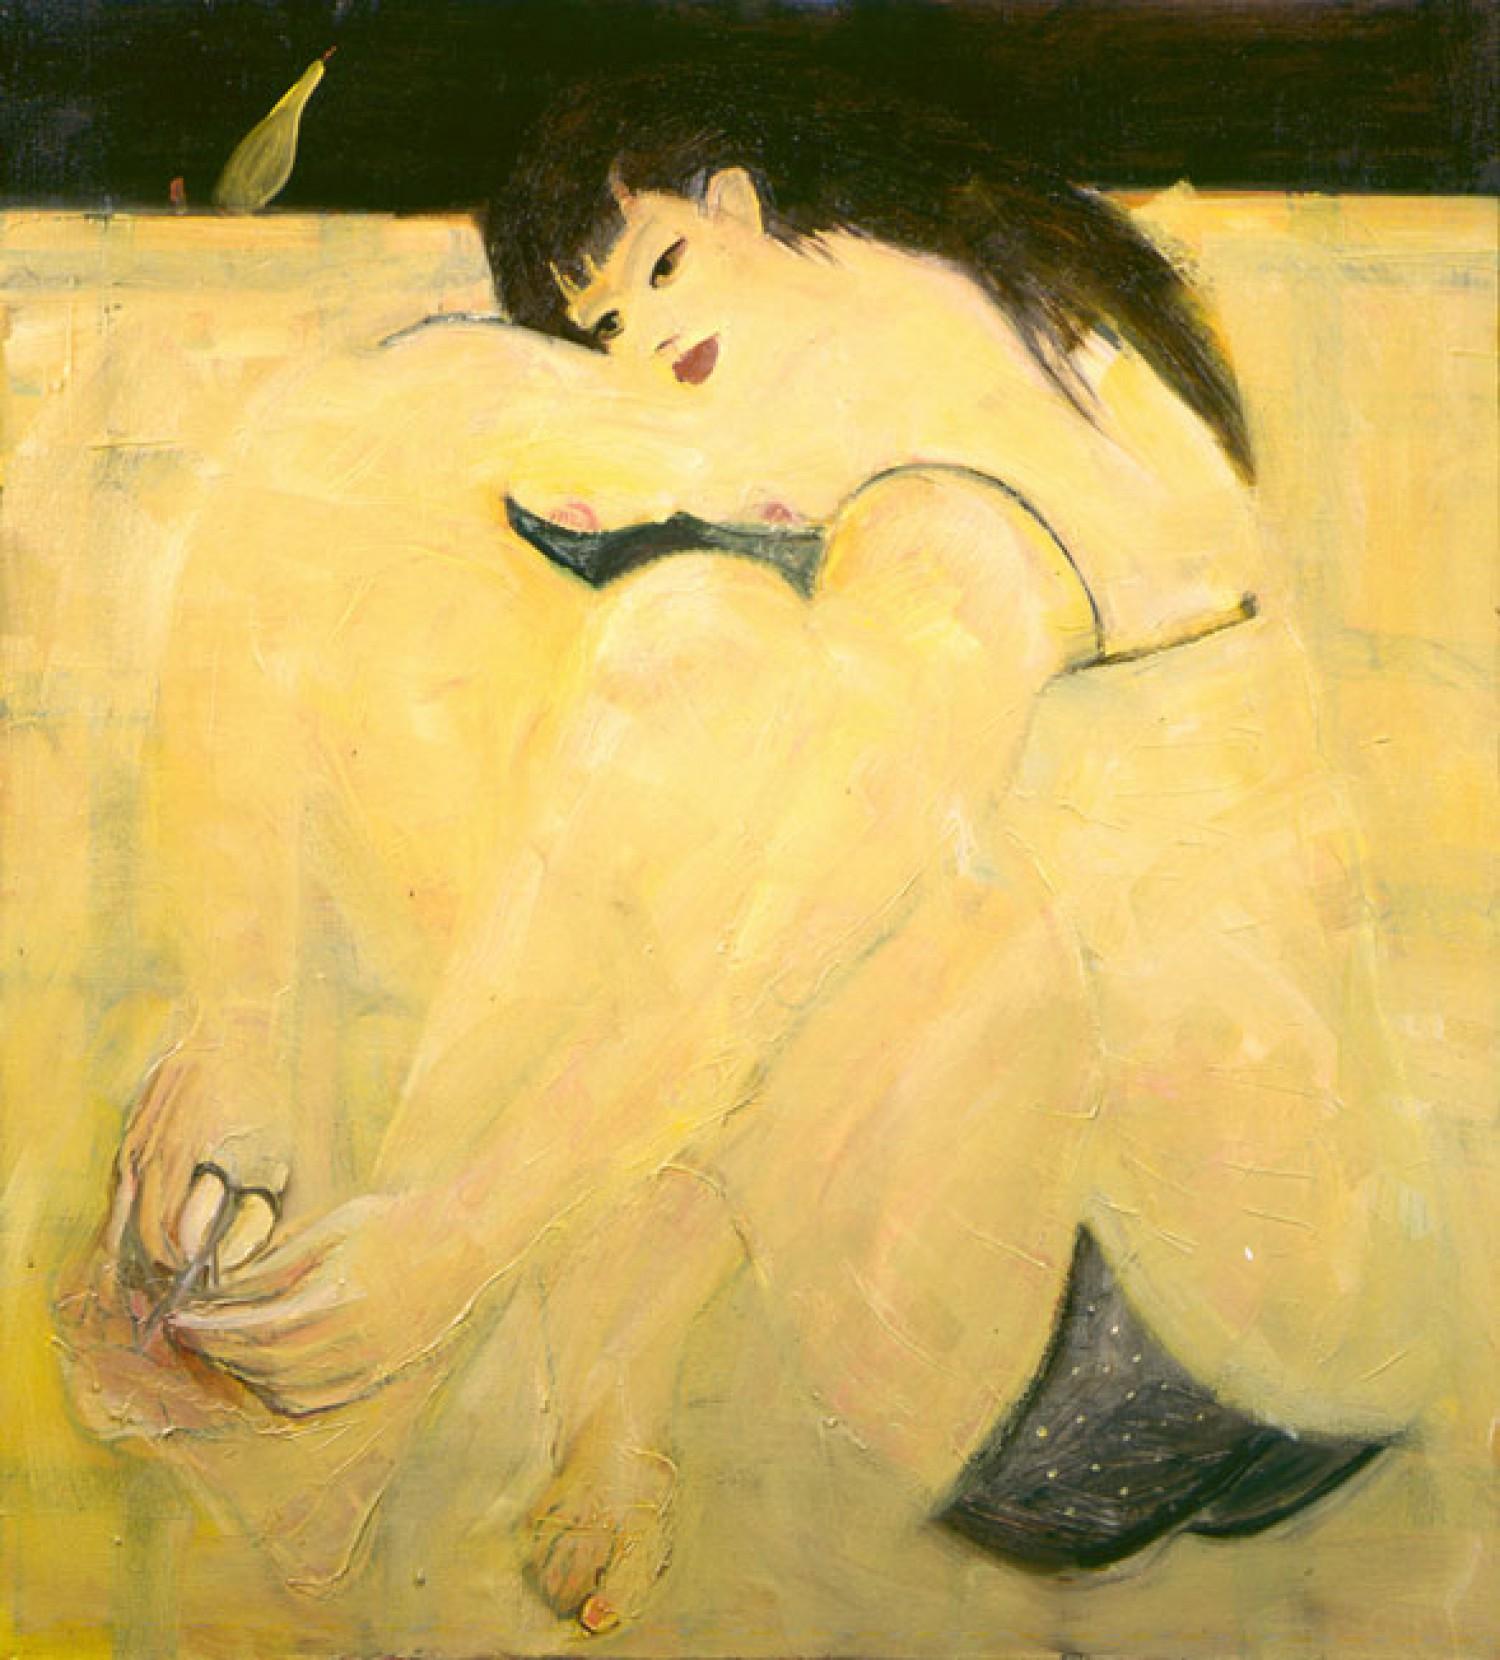 Е.Ф.Мухина. Педикюр. Х.м., темпера. 110х110. 1993